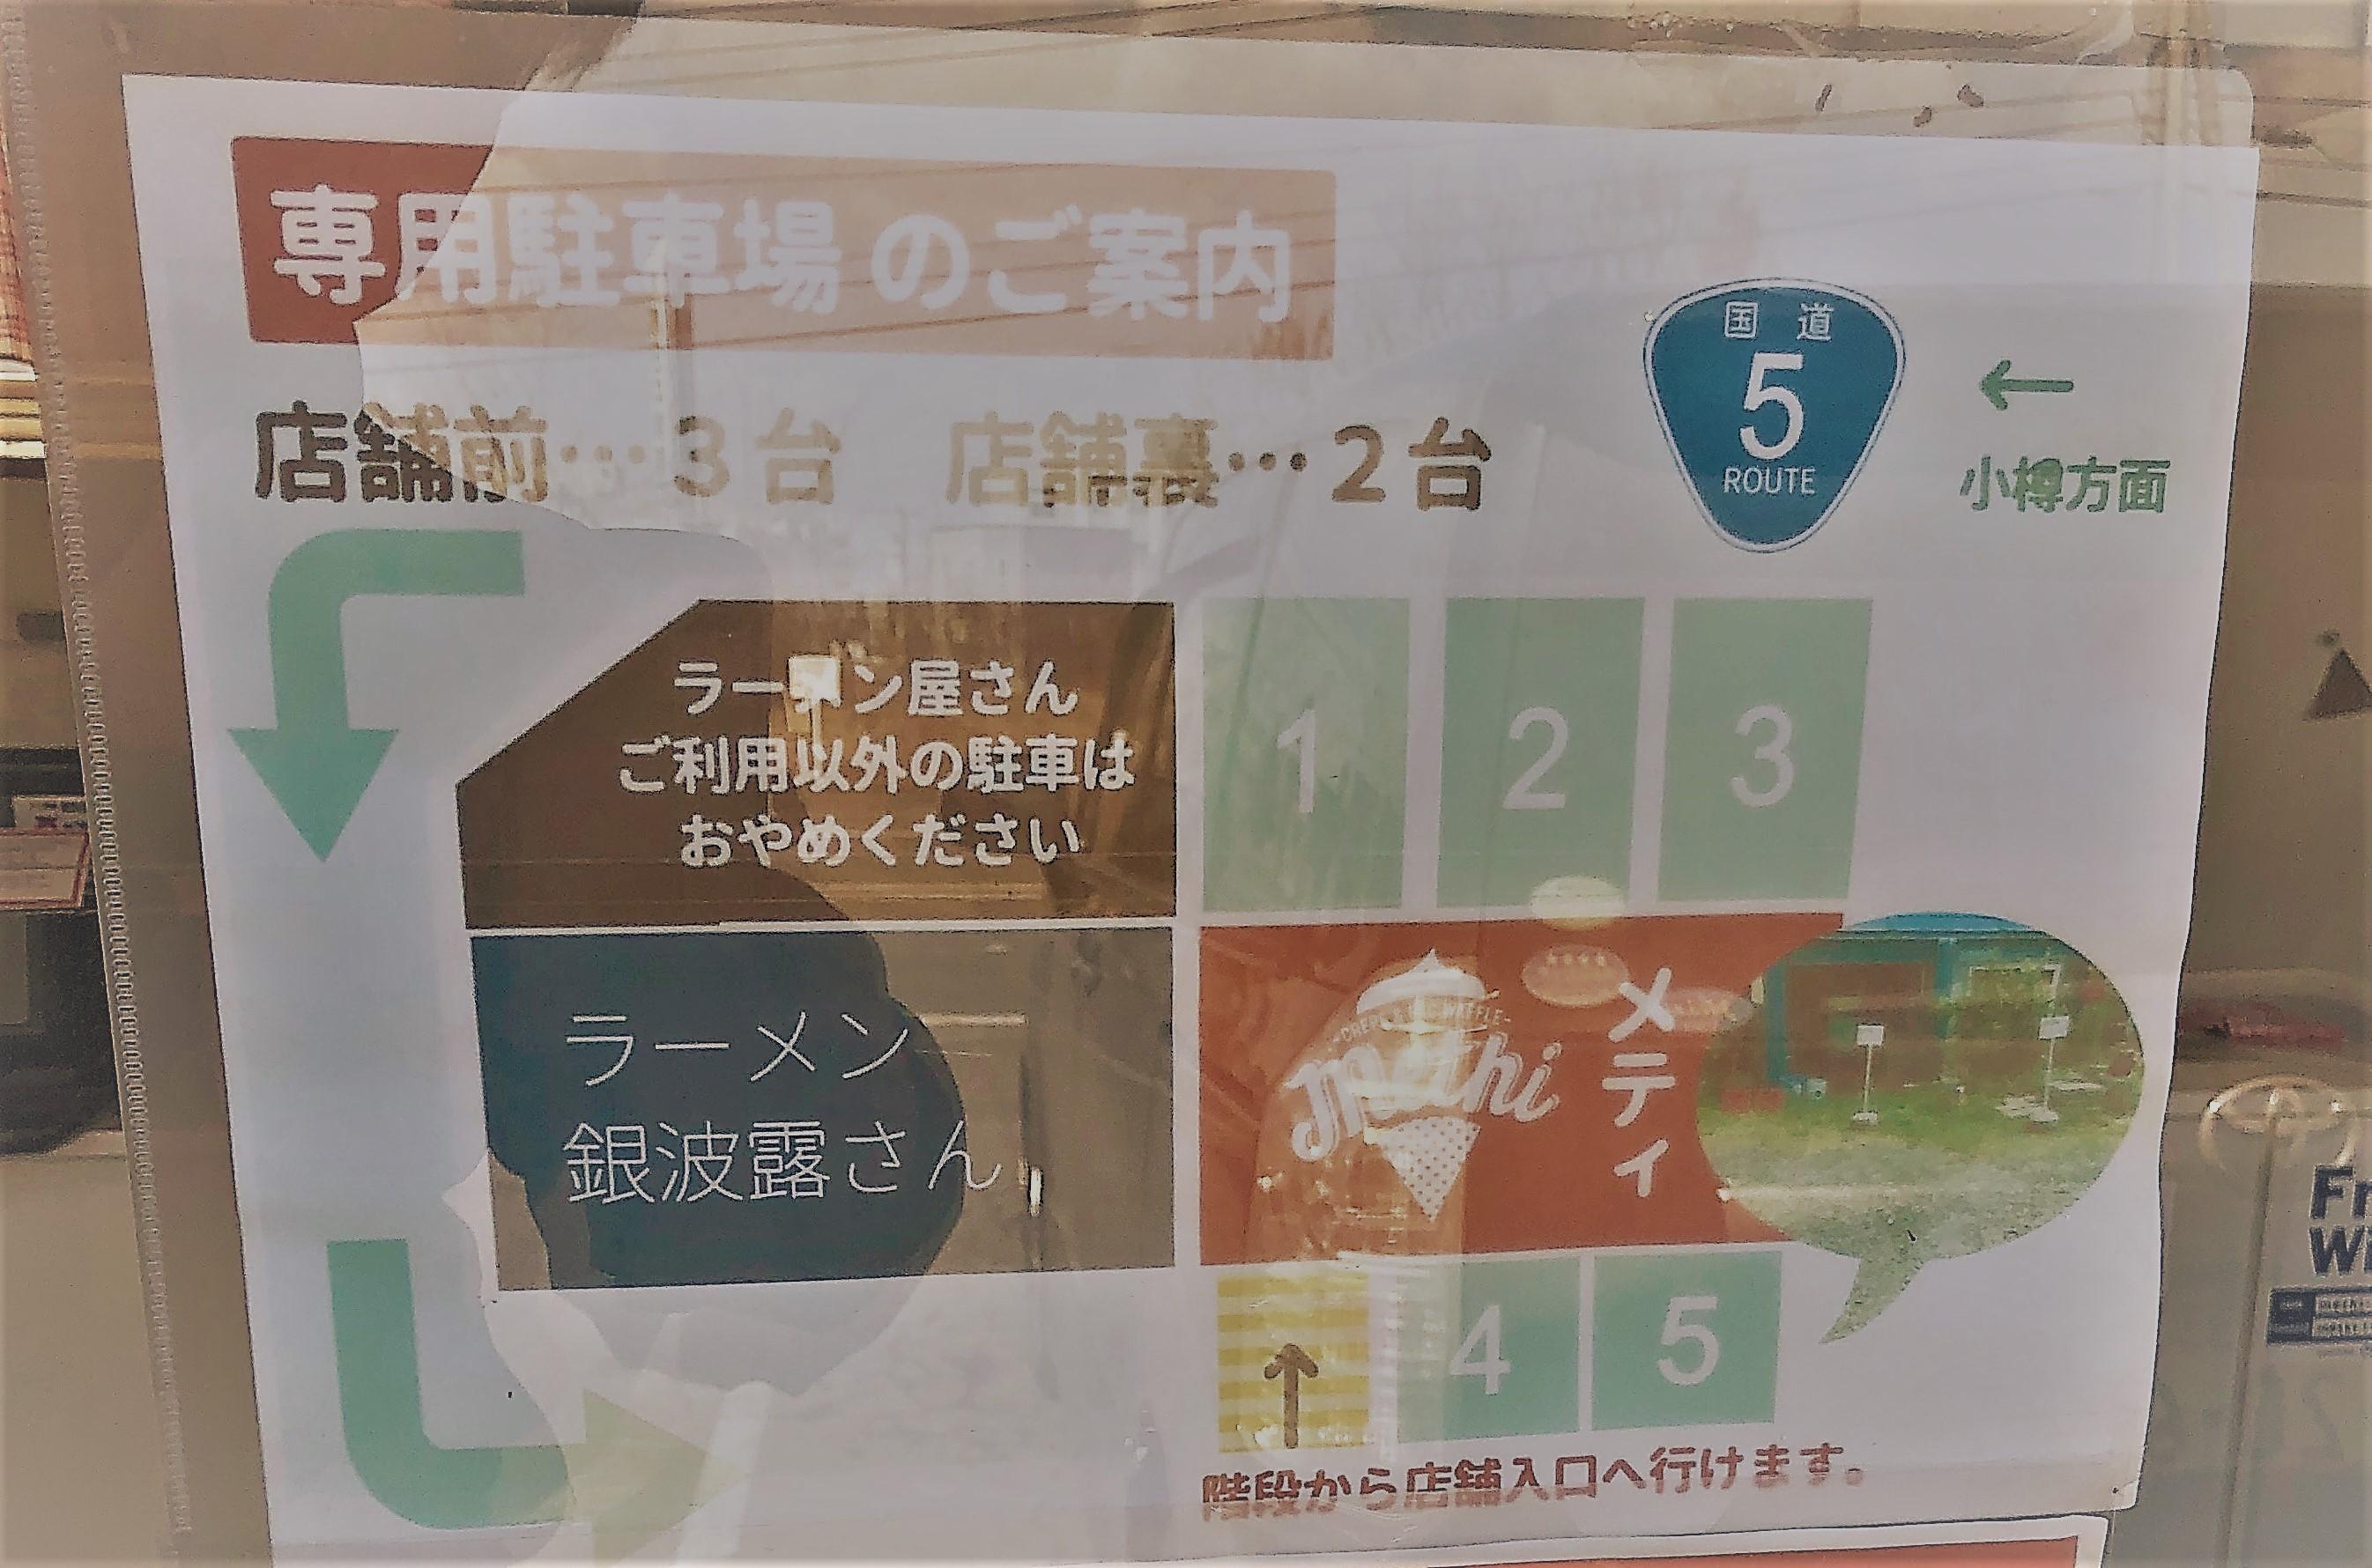 メティの駐車場の案内の貼り紙